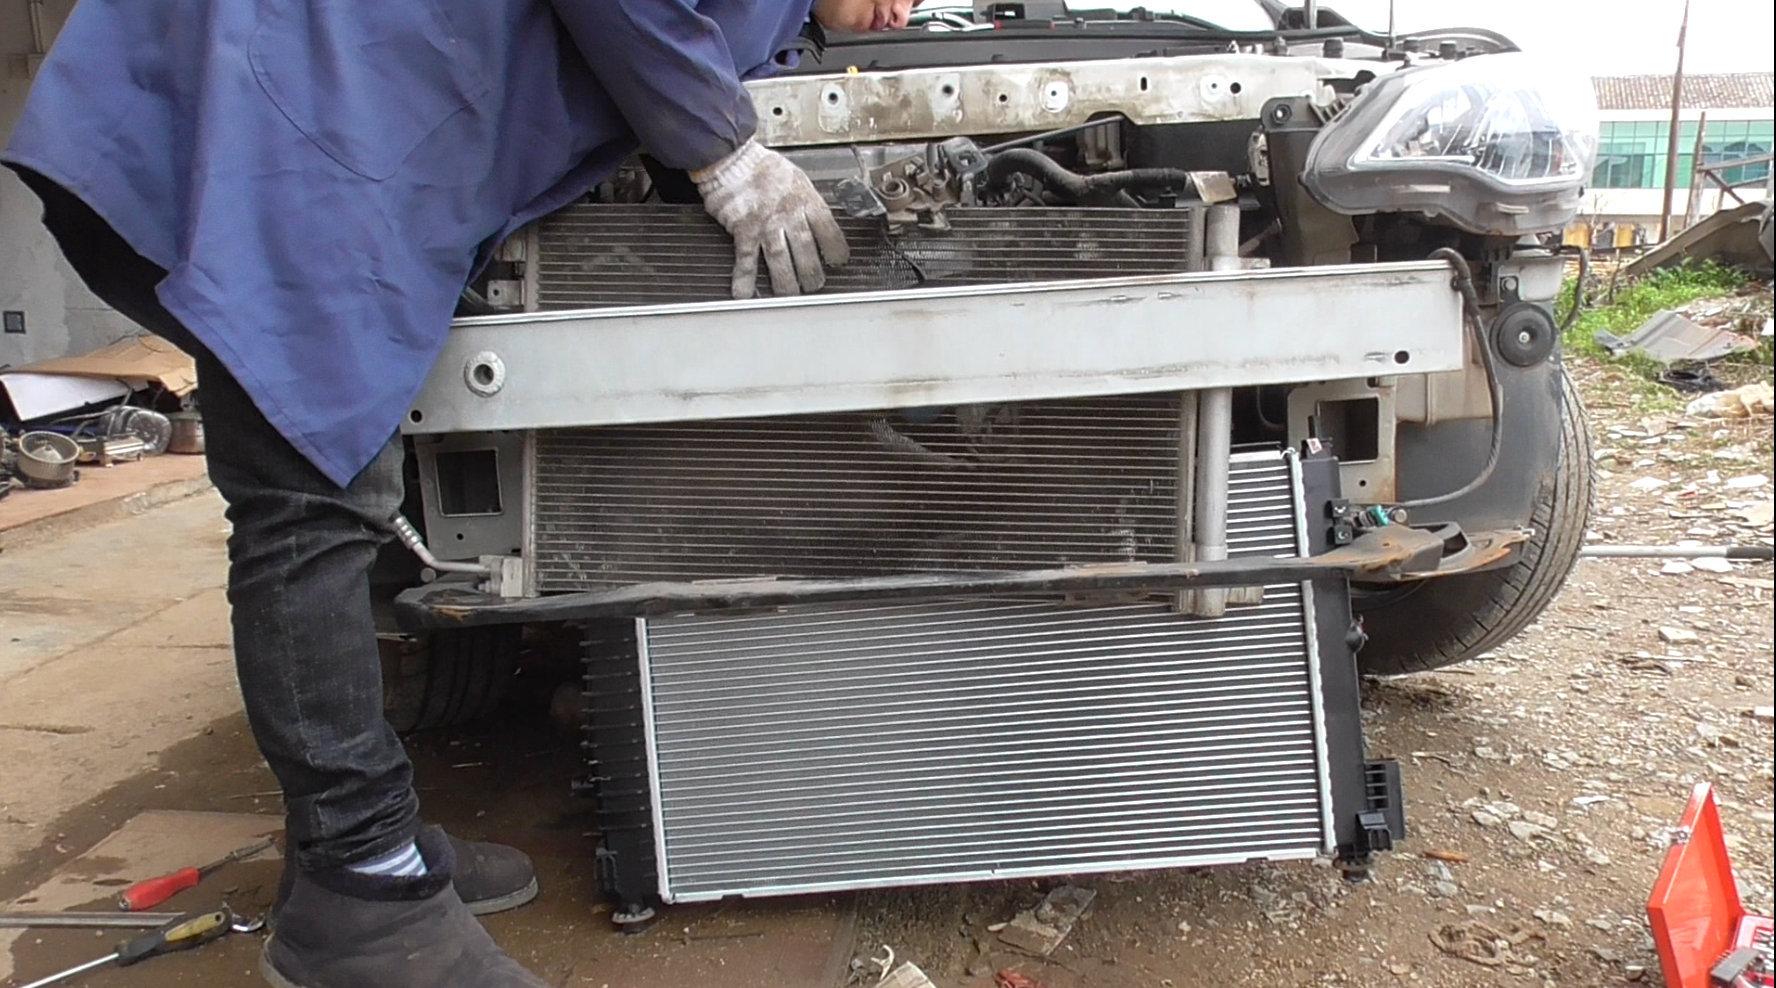 视频:雪佛兰科沃兹发动机高温时水箱漏水,看下汽车水箱更换的基本流程